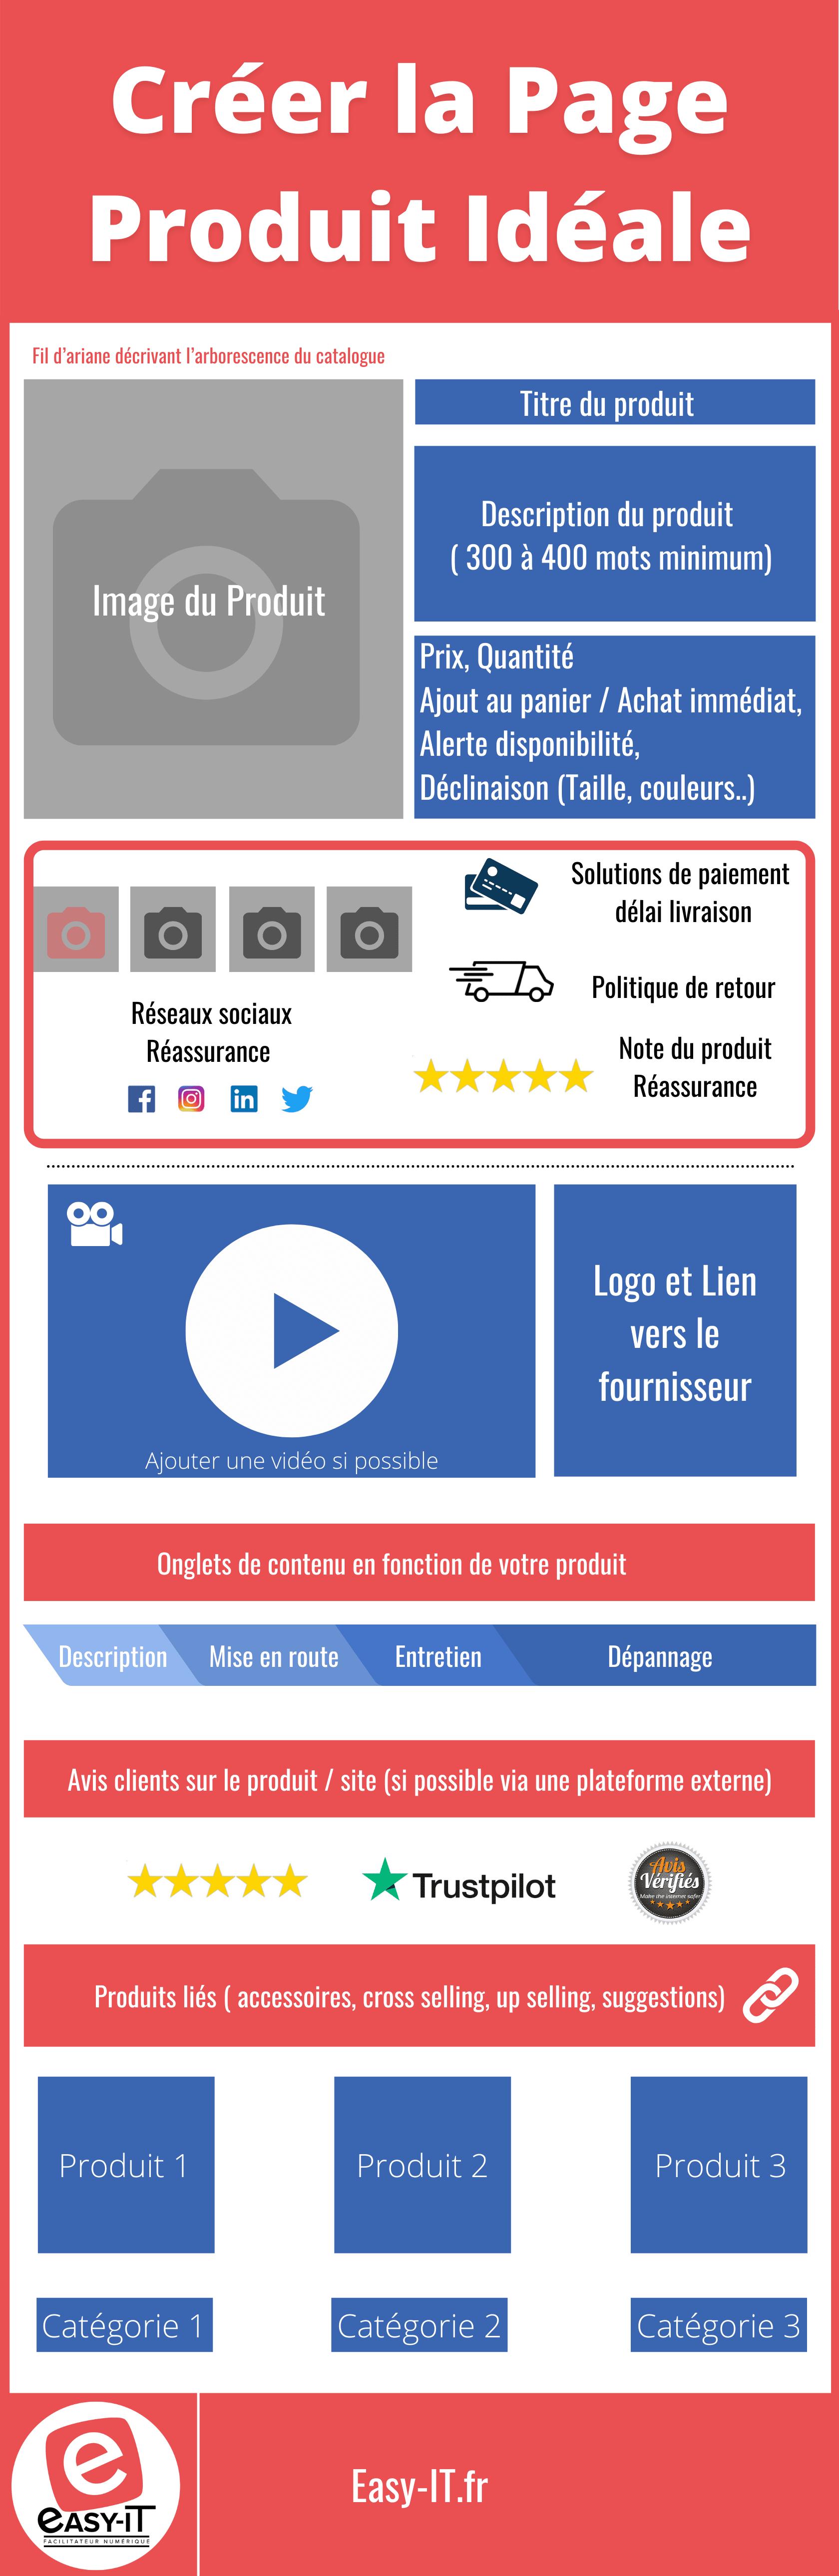 La page Produit e-commerce pour le référencement e-commerce